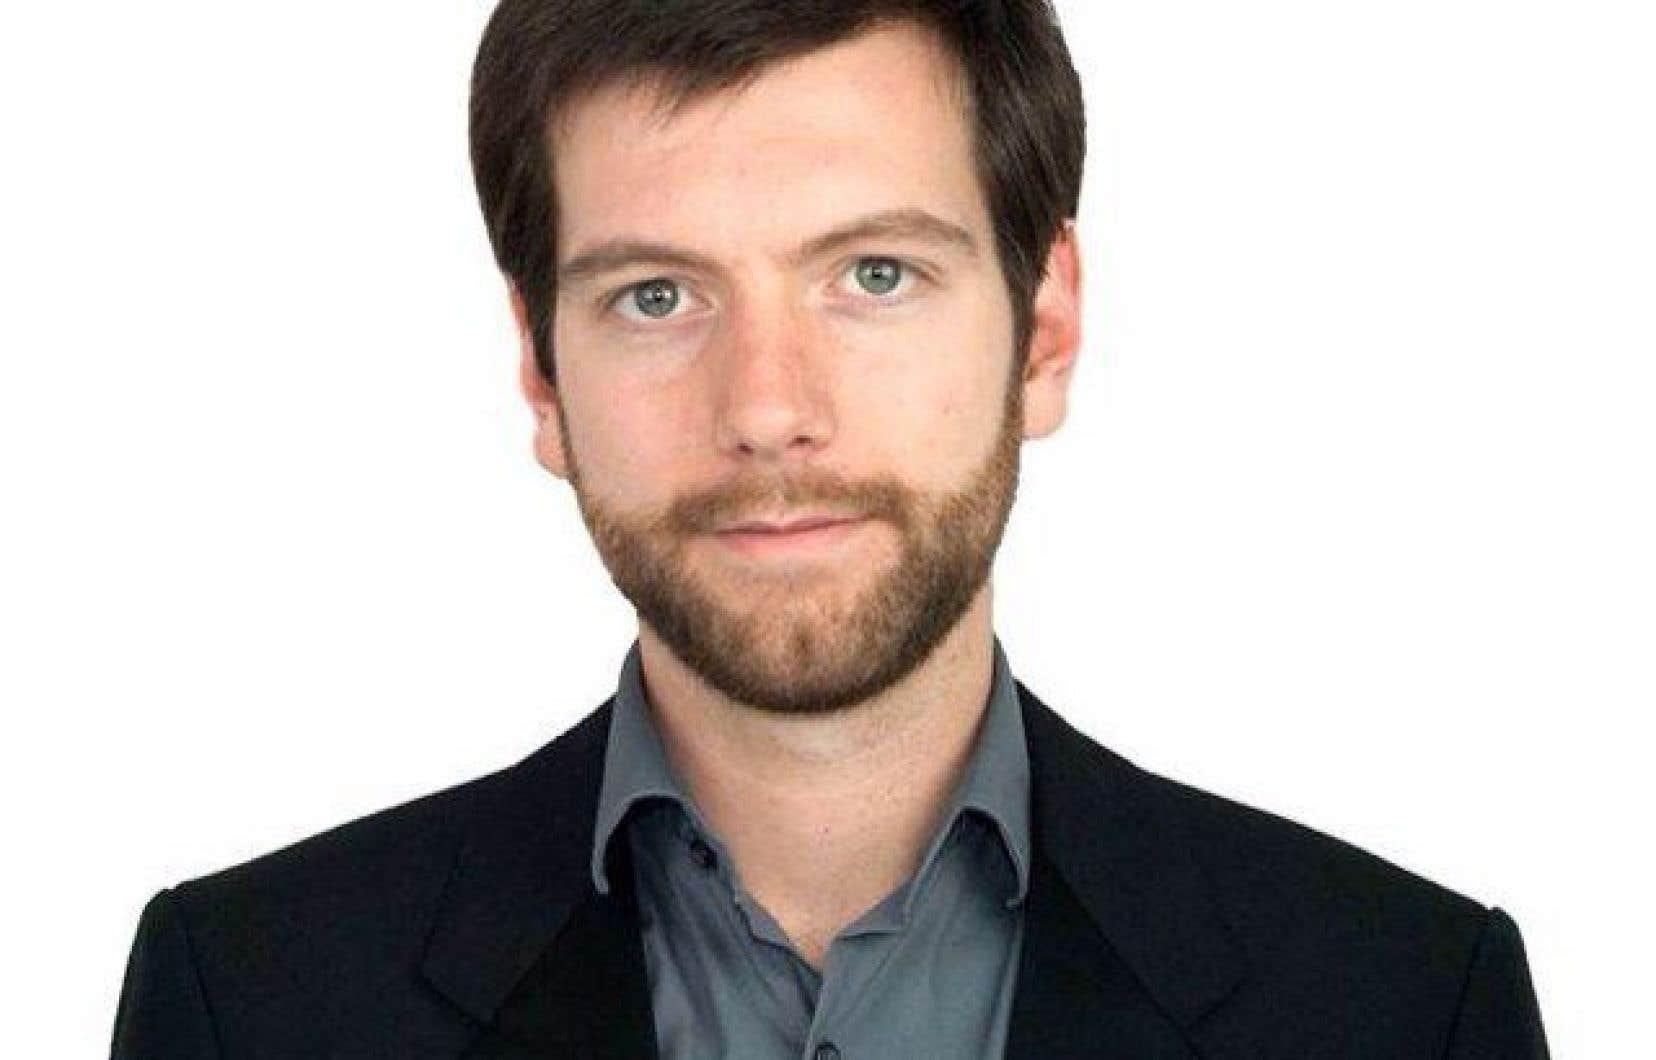 En plus de son rôle de chef de parti, Alex Tyrrell étudie à l'Université Concordia à Montréal, à temps partiel, en Sciences de l'environnement.